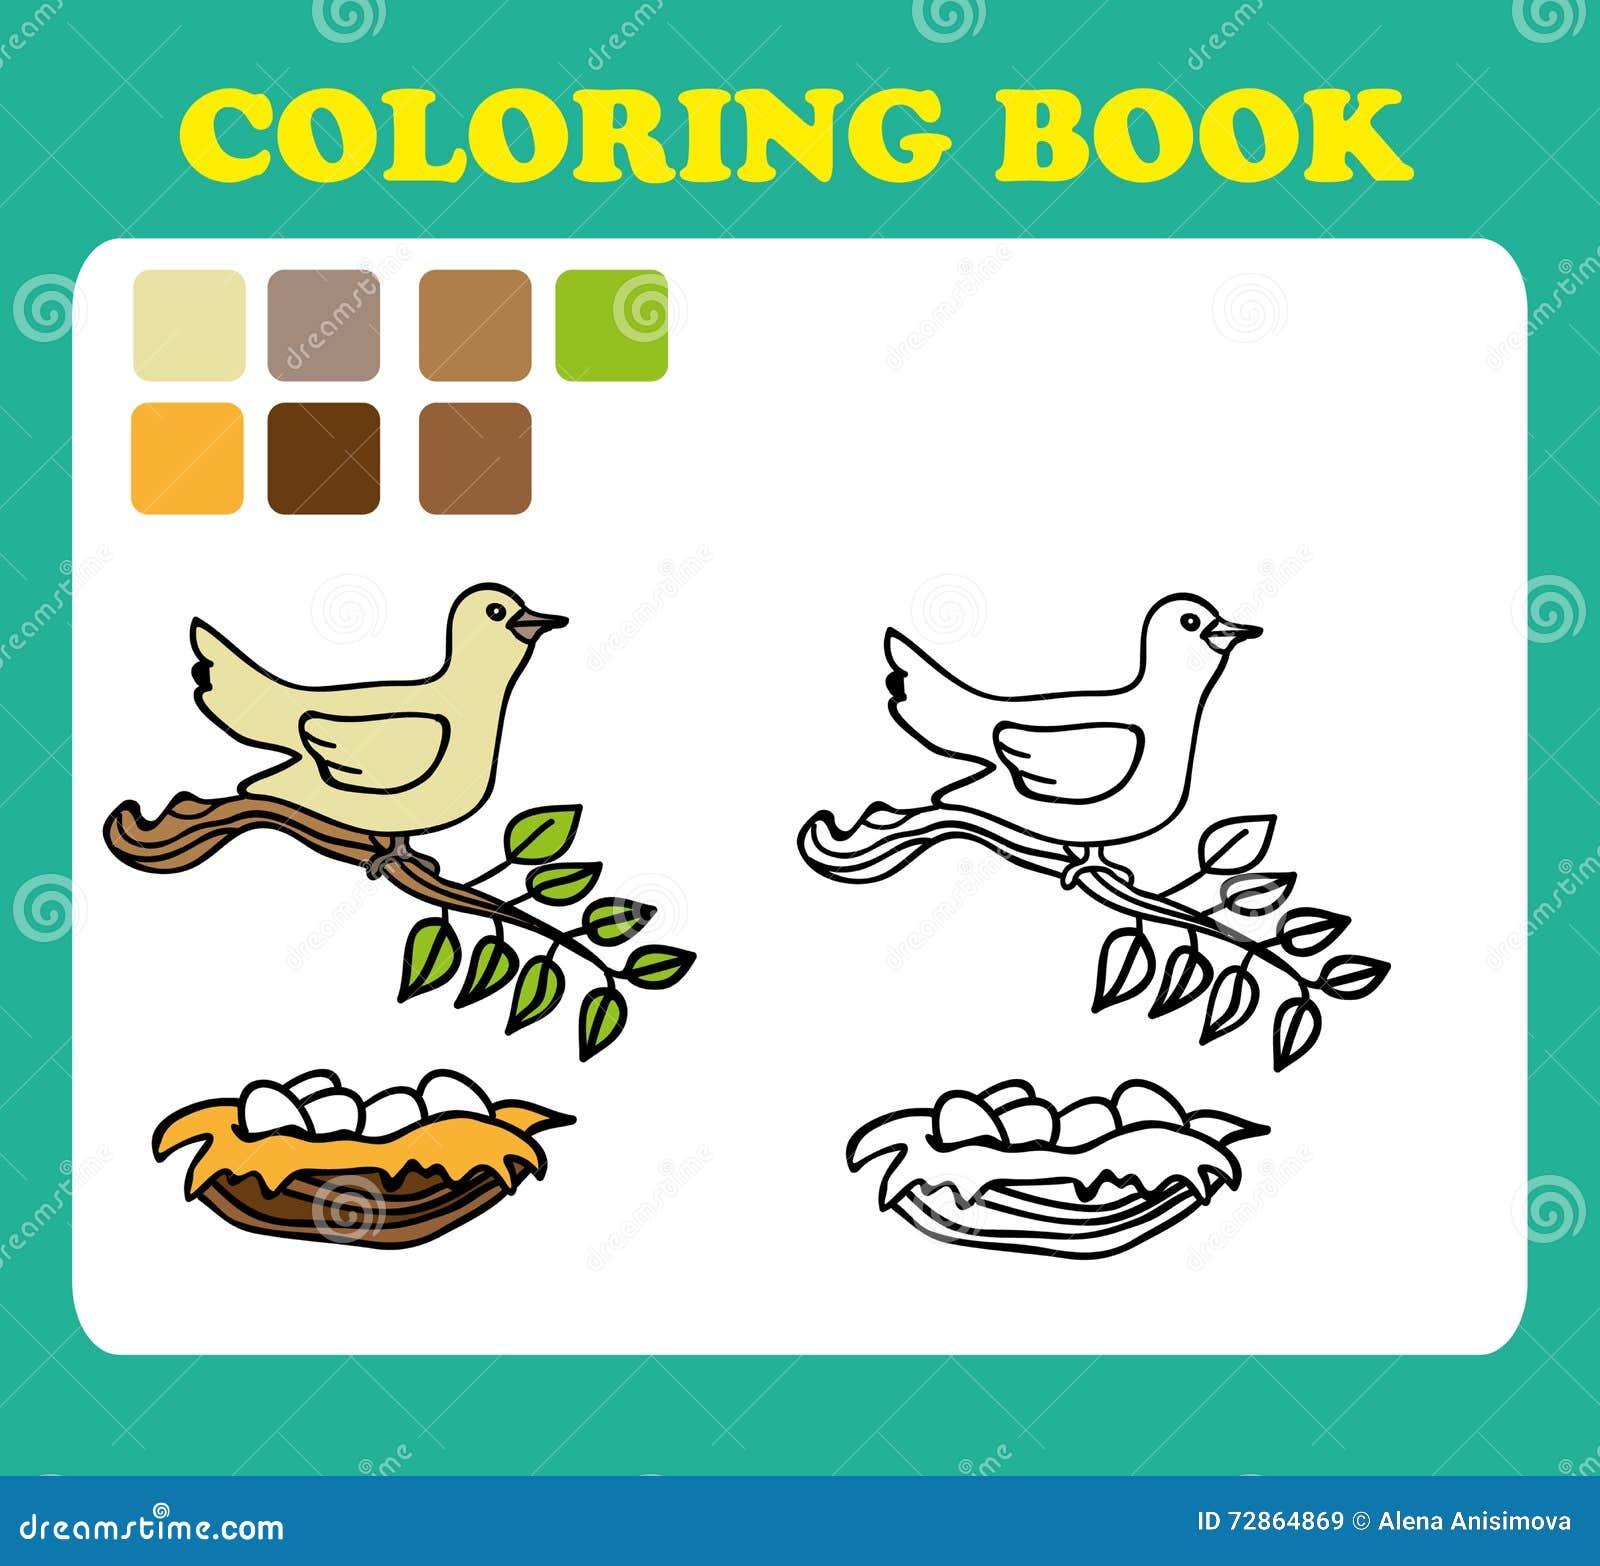 иллюстрация шаржа книжка раскраски или страницы смешной